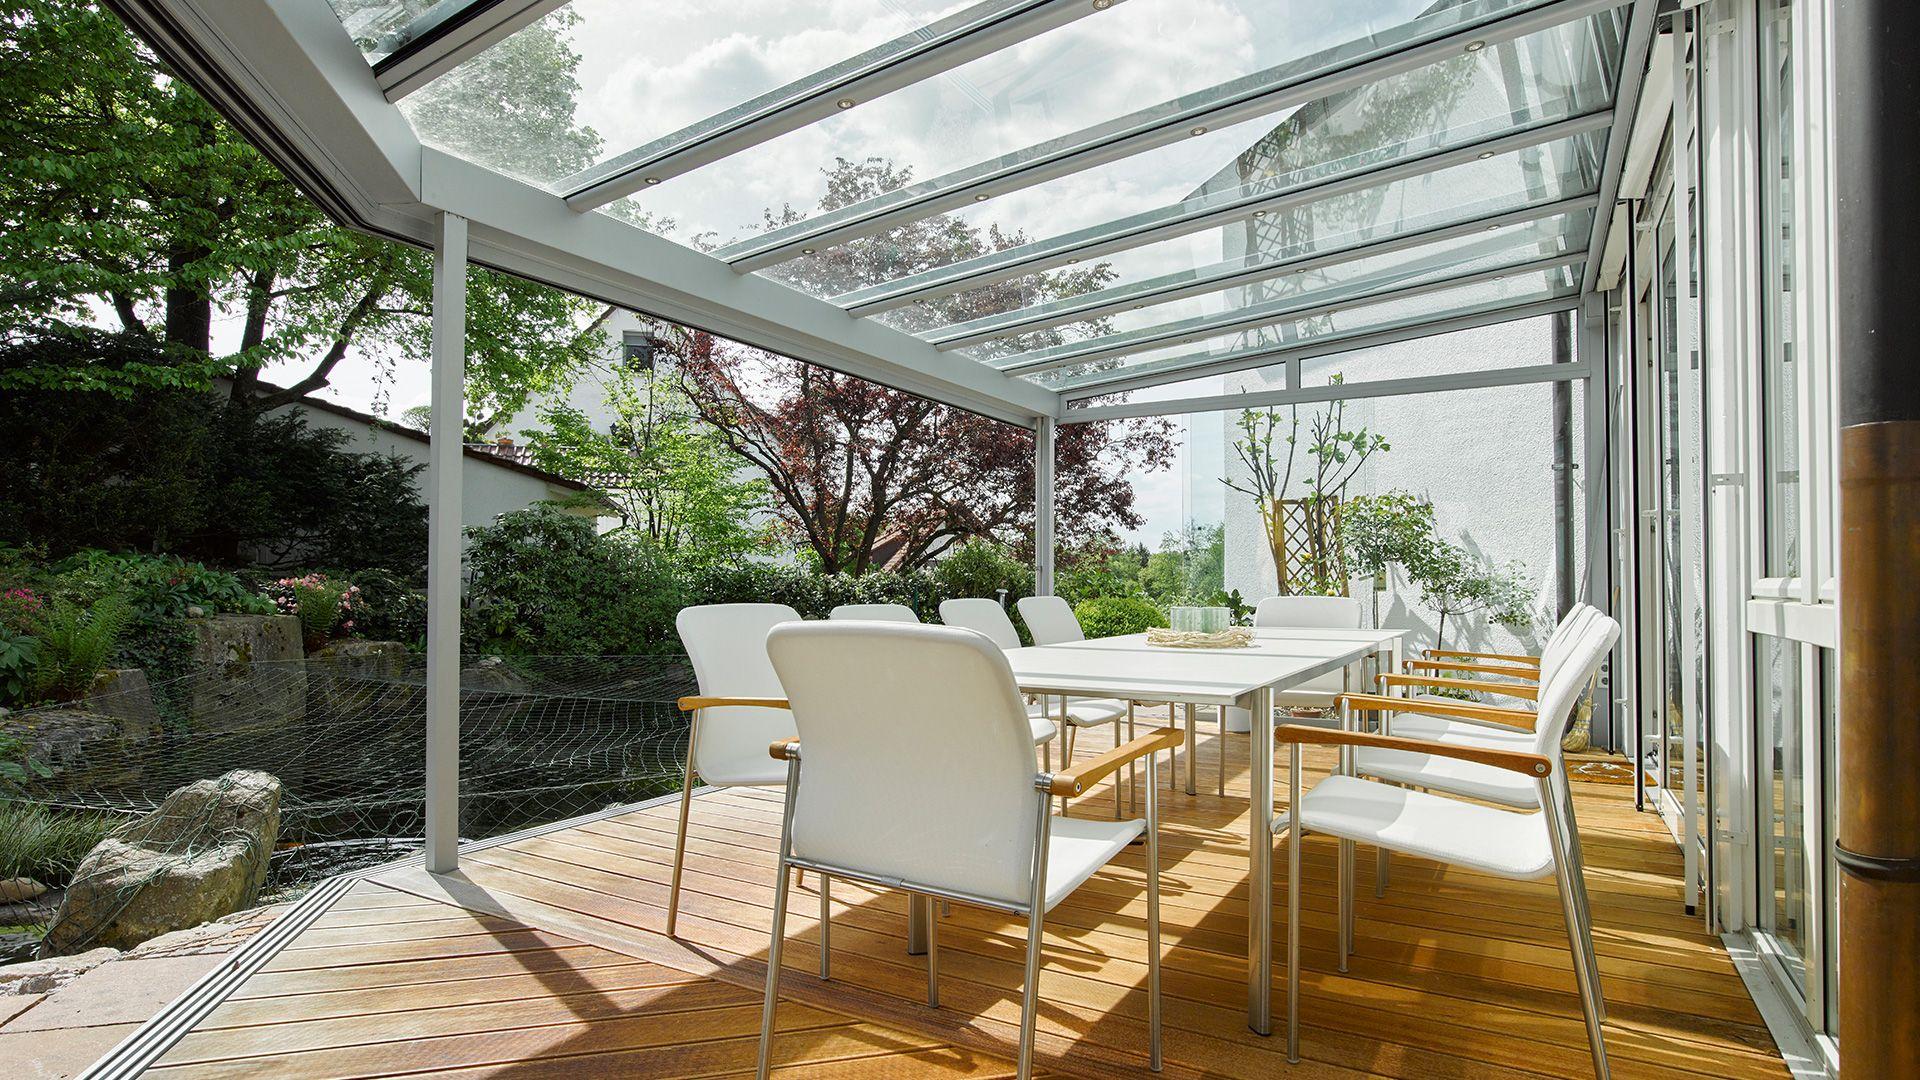 Genial Sonnenschutzrollo Terrasse Ideen Von Erstklassige Sonnenschutz-lösungen Für Balkon + Terrasse: Markisen,